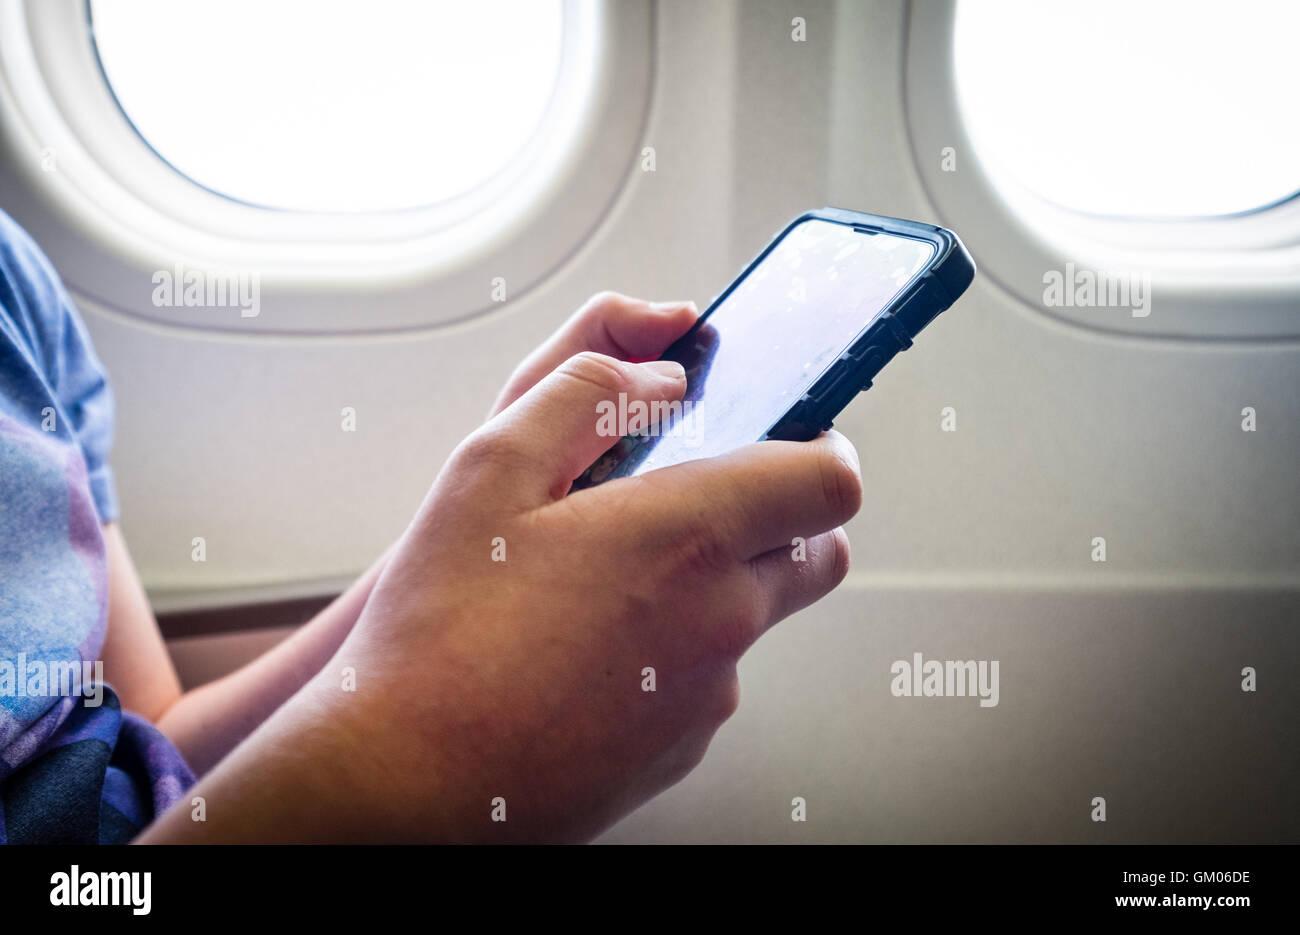 Un adolescent en utilisant son téléphone mobile pendant le vol dans un avion Photo Stock